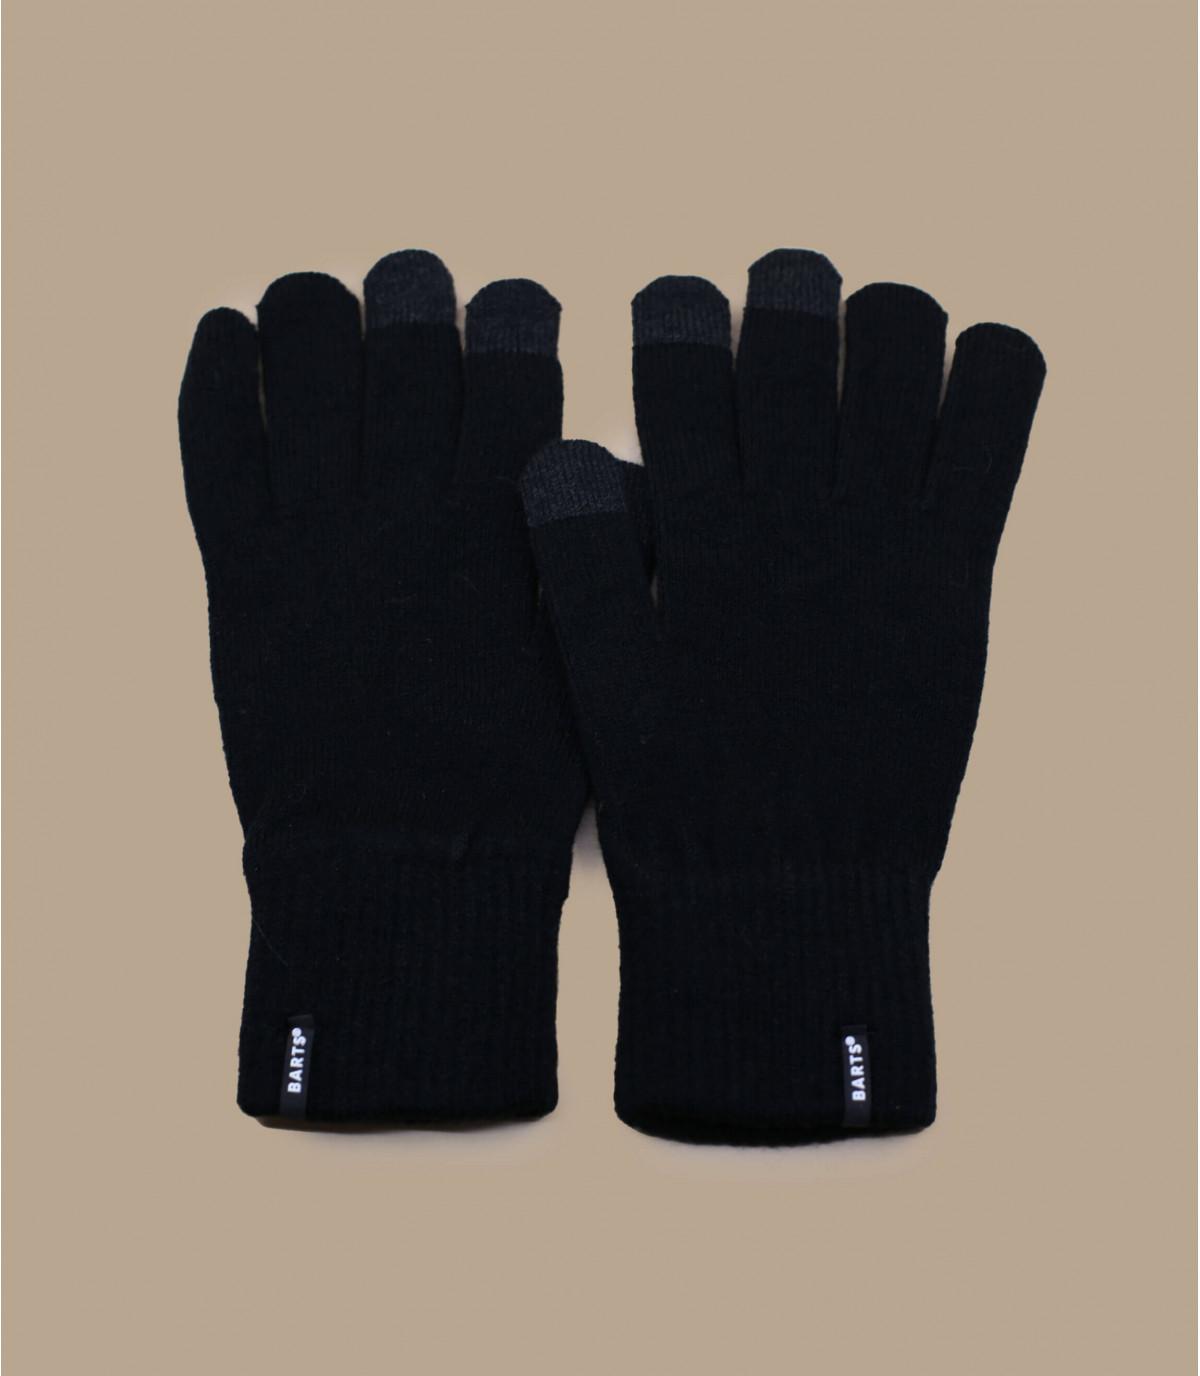 Zwarte smartphone handschoenen